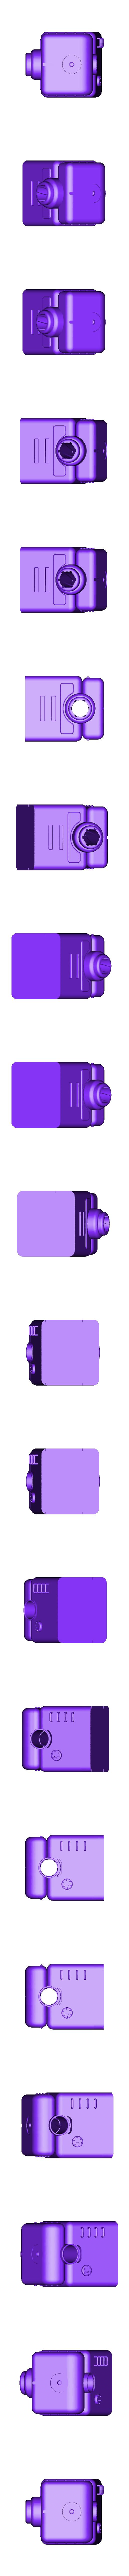 Upper_Chassis.stl Télécharger fichier 3MF gratuit LIMACE MÉTALLIQUE - NOP-03 SARUBIE • Plan imprimable en 3D, FreeBug